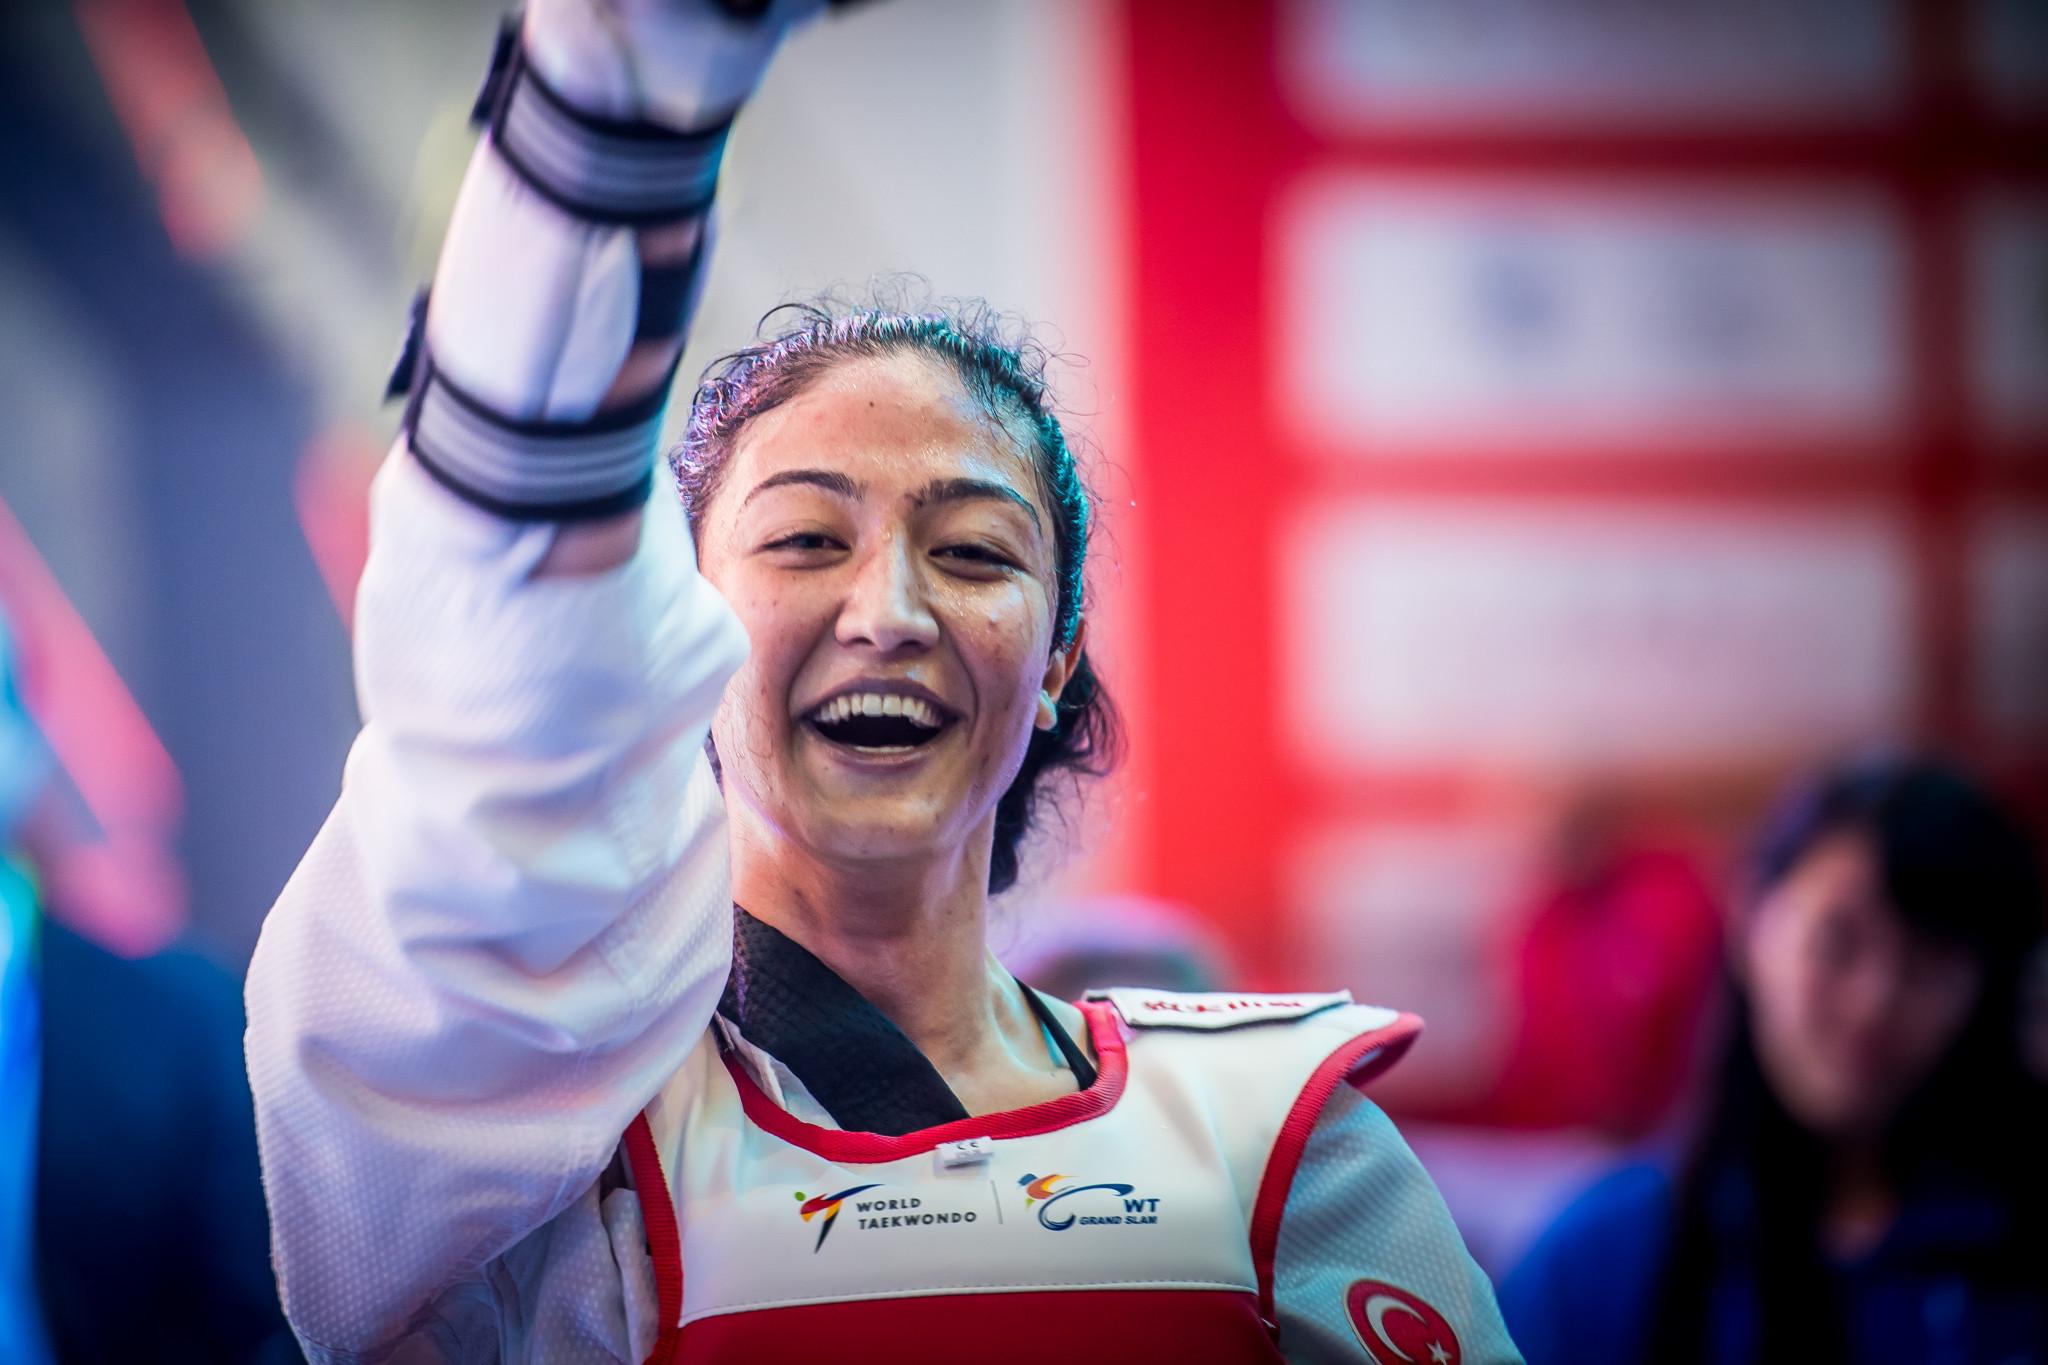 Turkey's Nafia Kus rounded out the women's over 67kg podium ©World Taekwondo